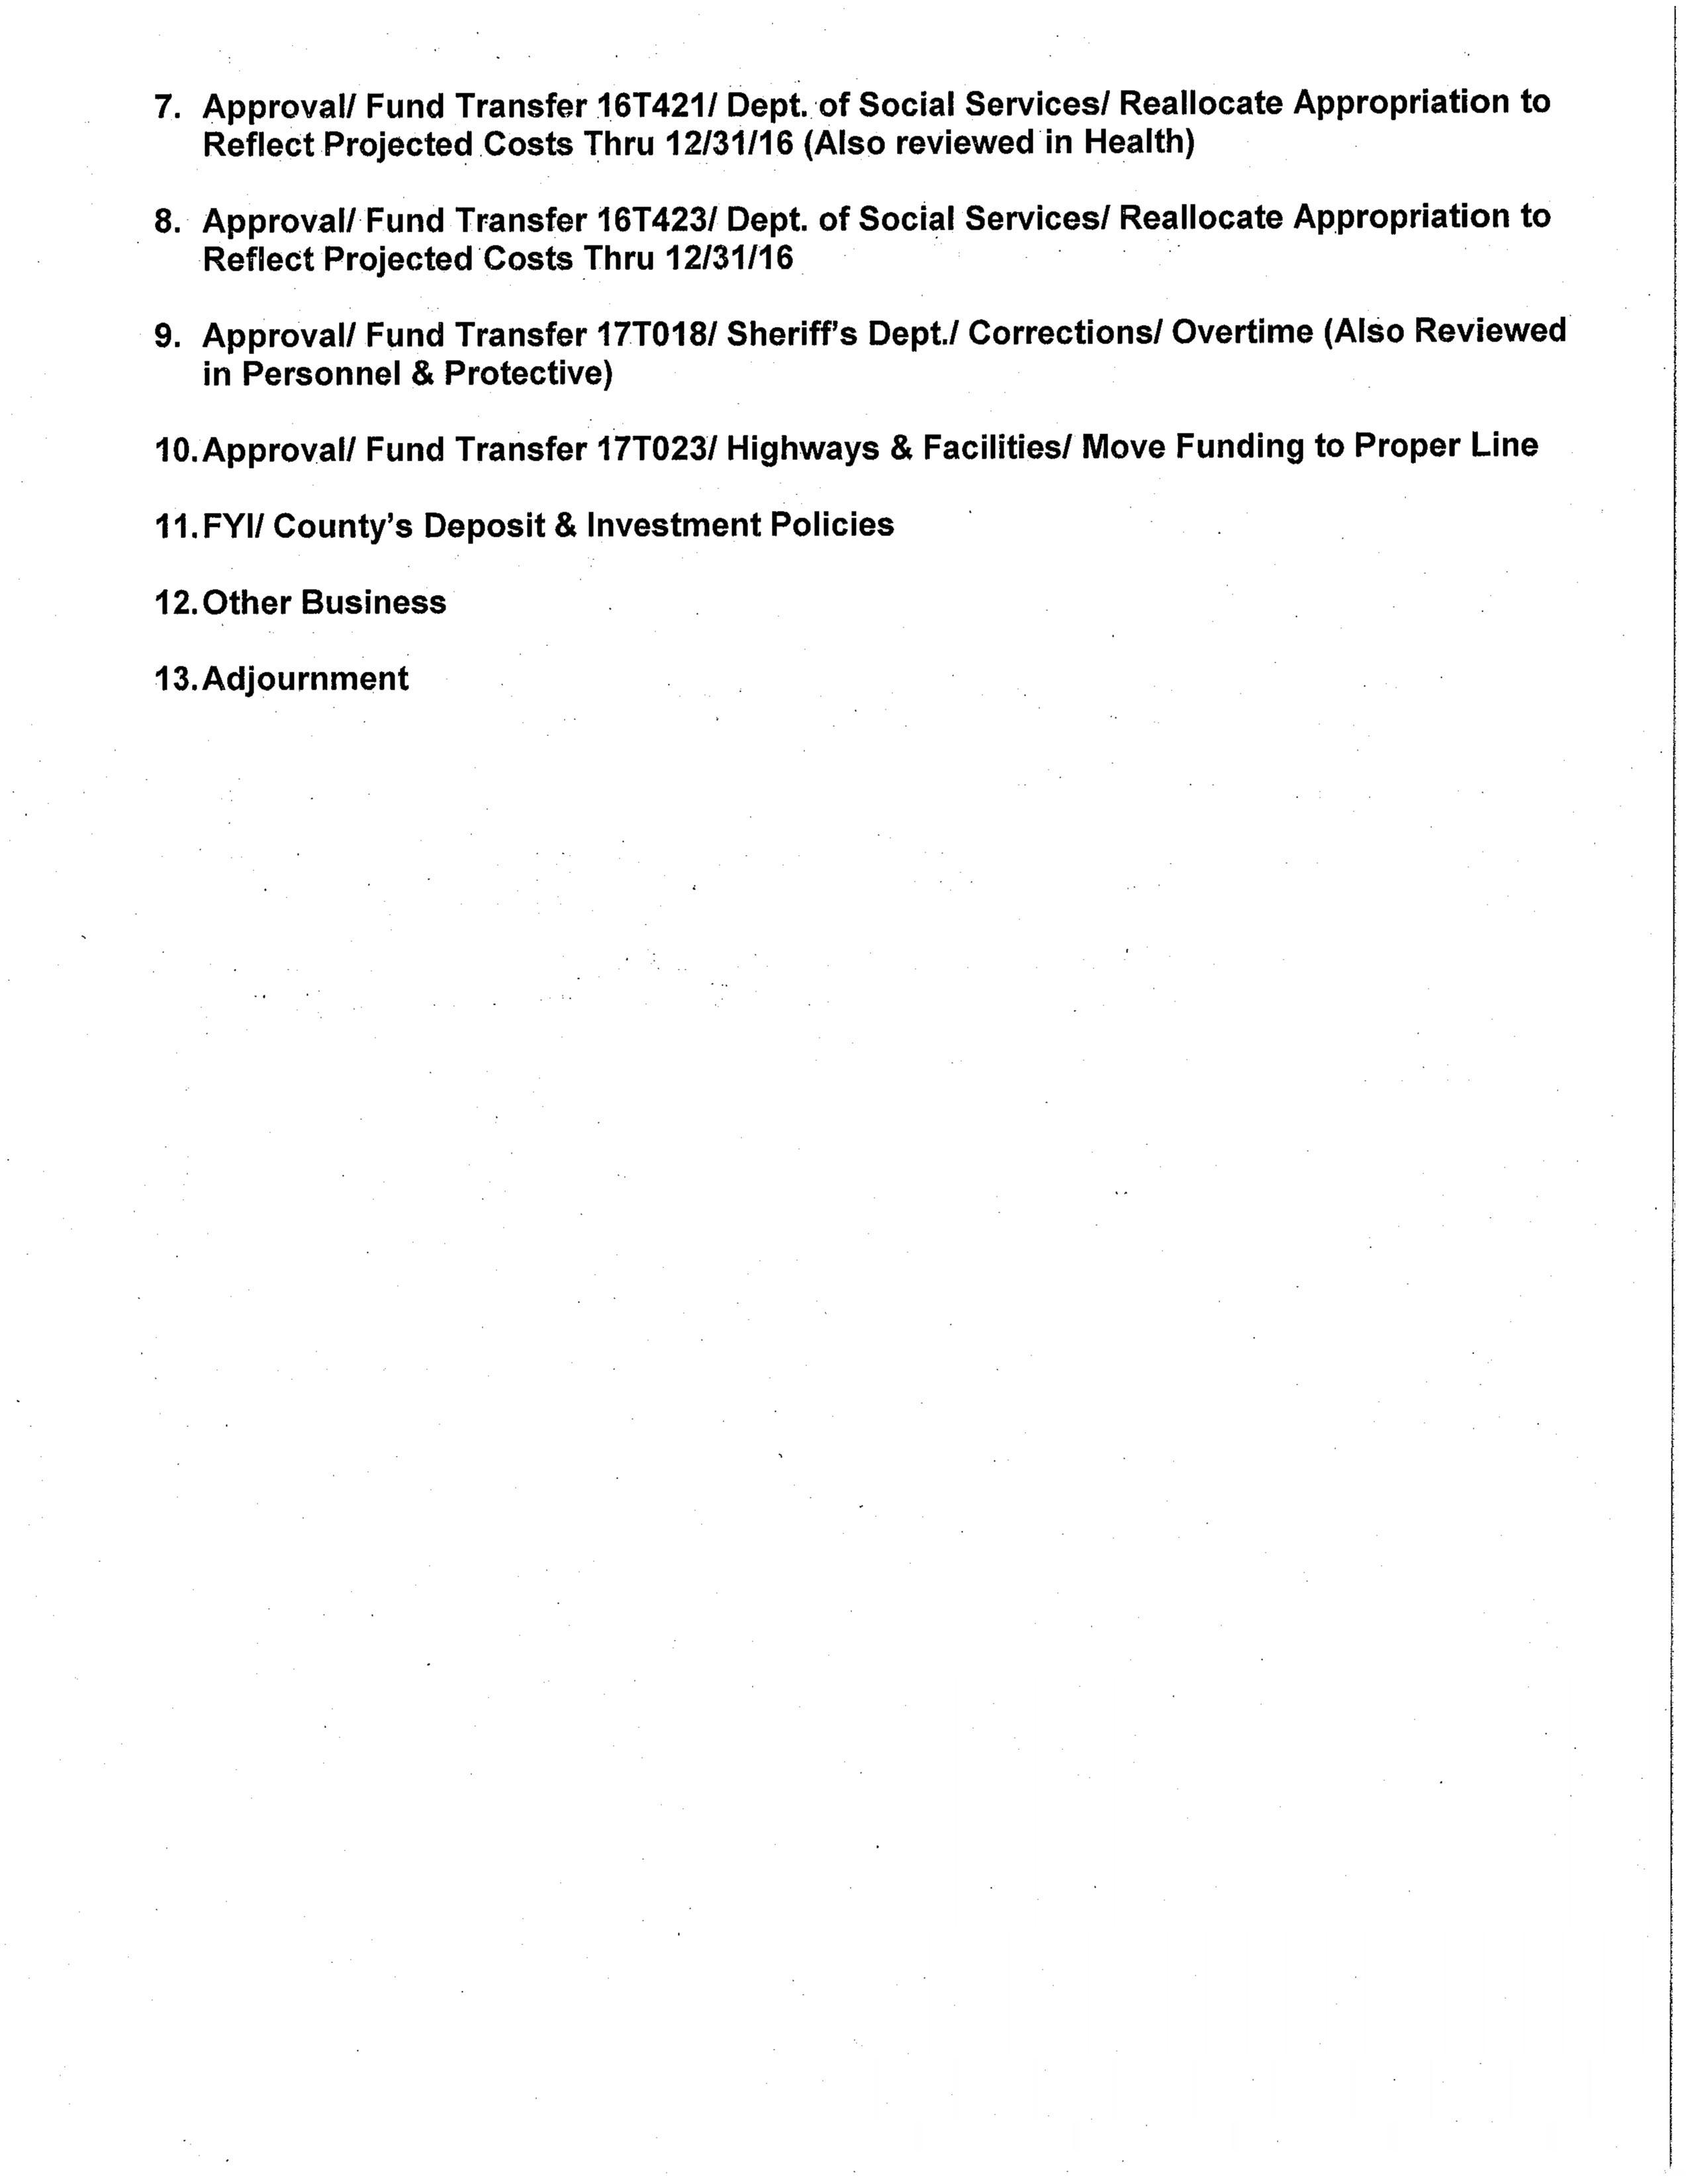 AuditCommitteeMeeting-Feb2017-2.jpg